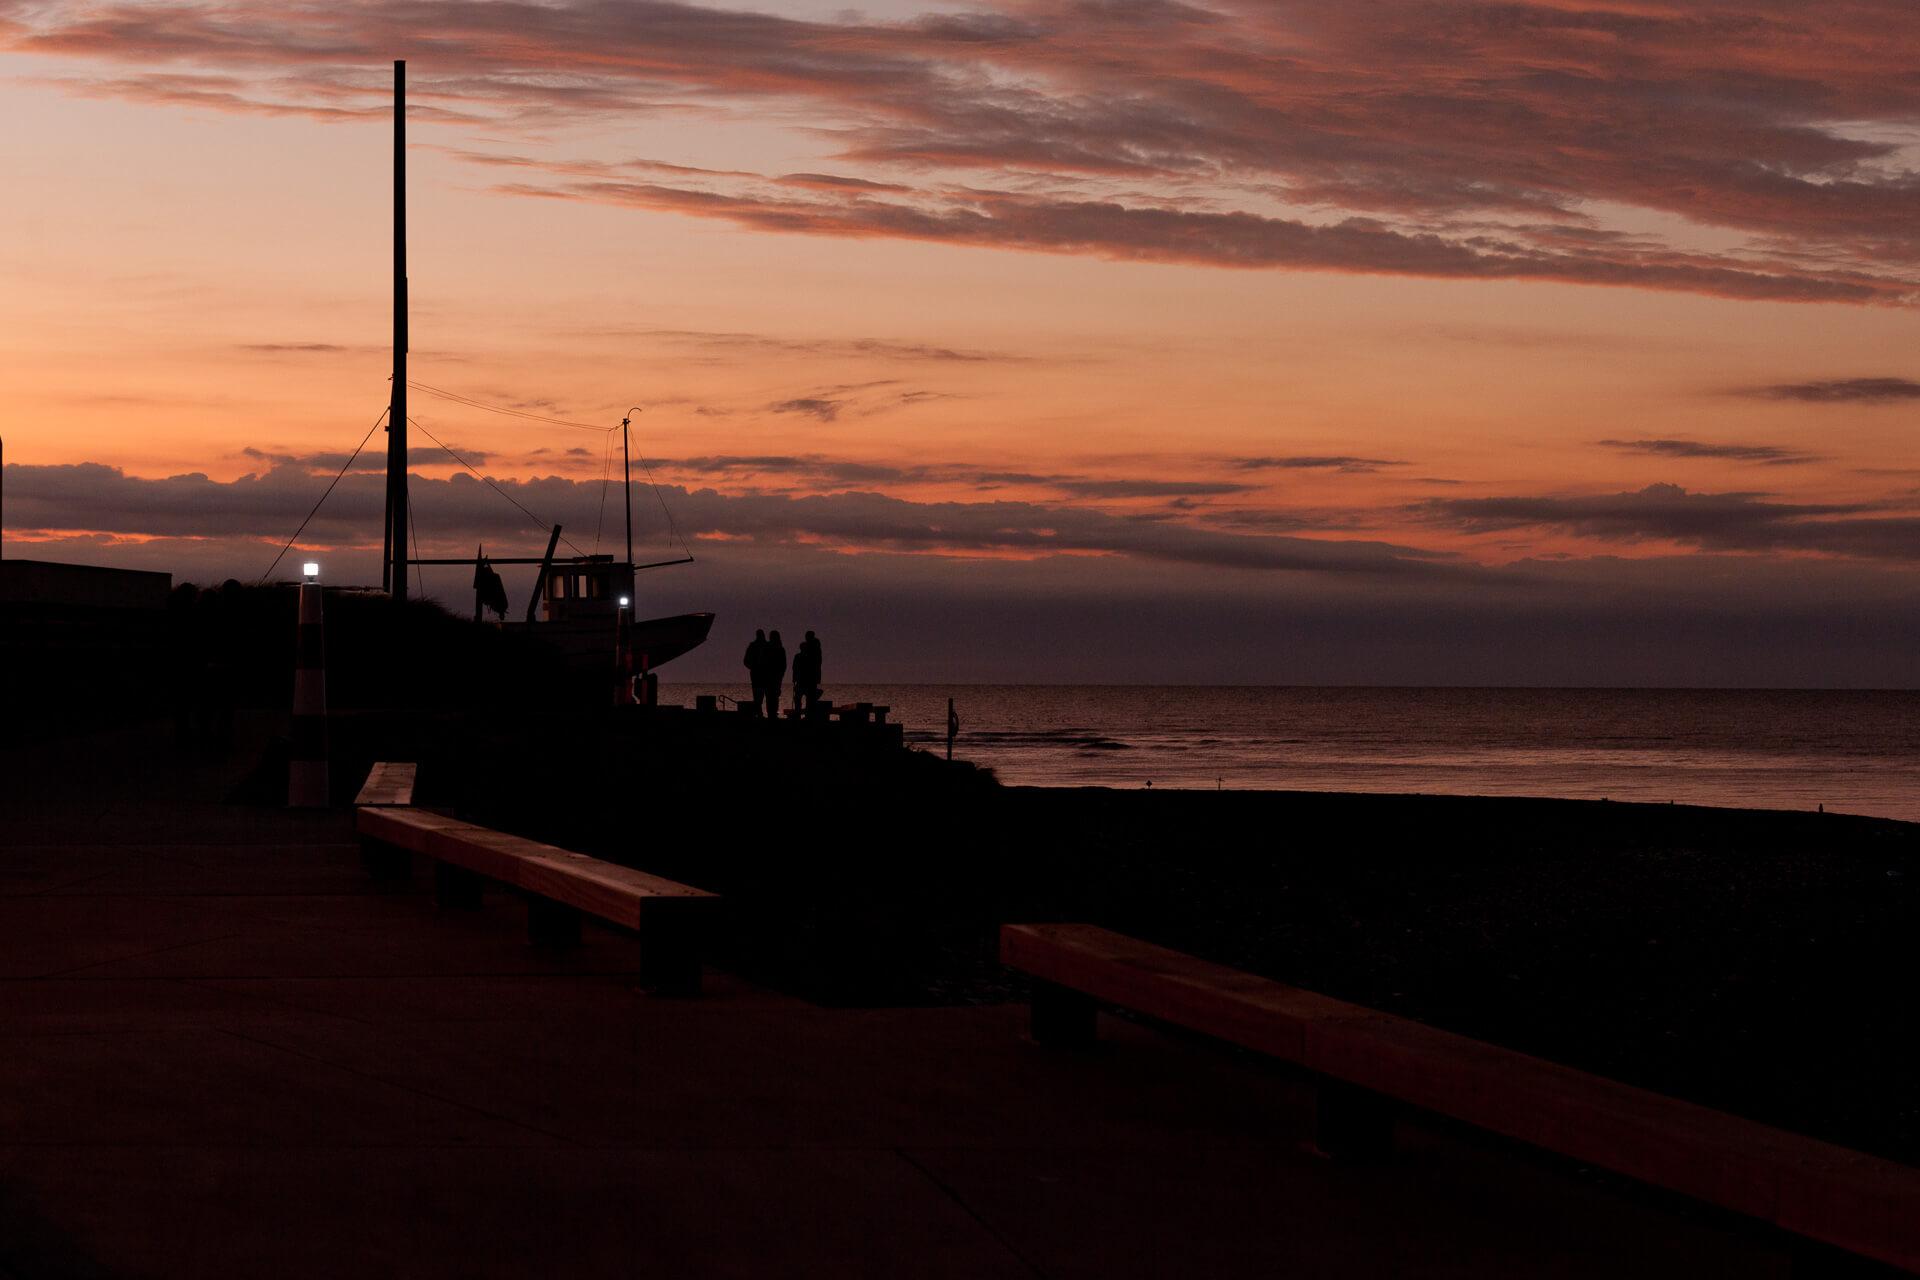 Foto von der Fotostory Redeleit und Junker Dänemark zeigt eine Promenade mit Menschen bei Sonnenuntergang